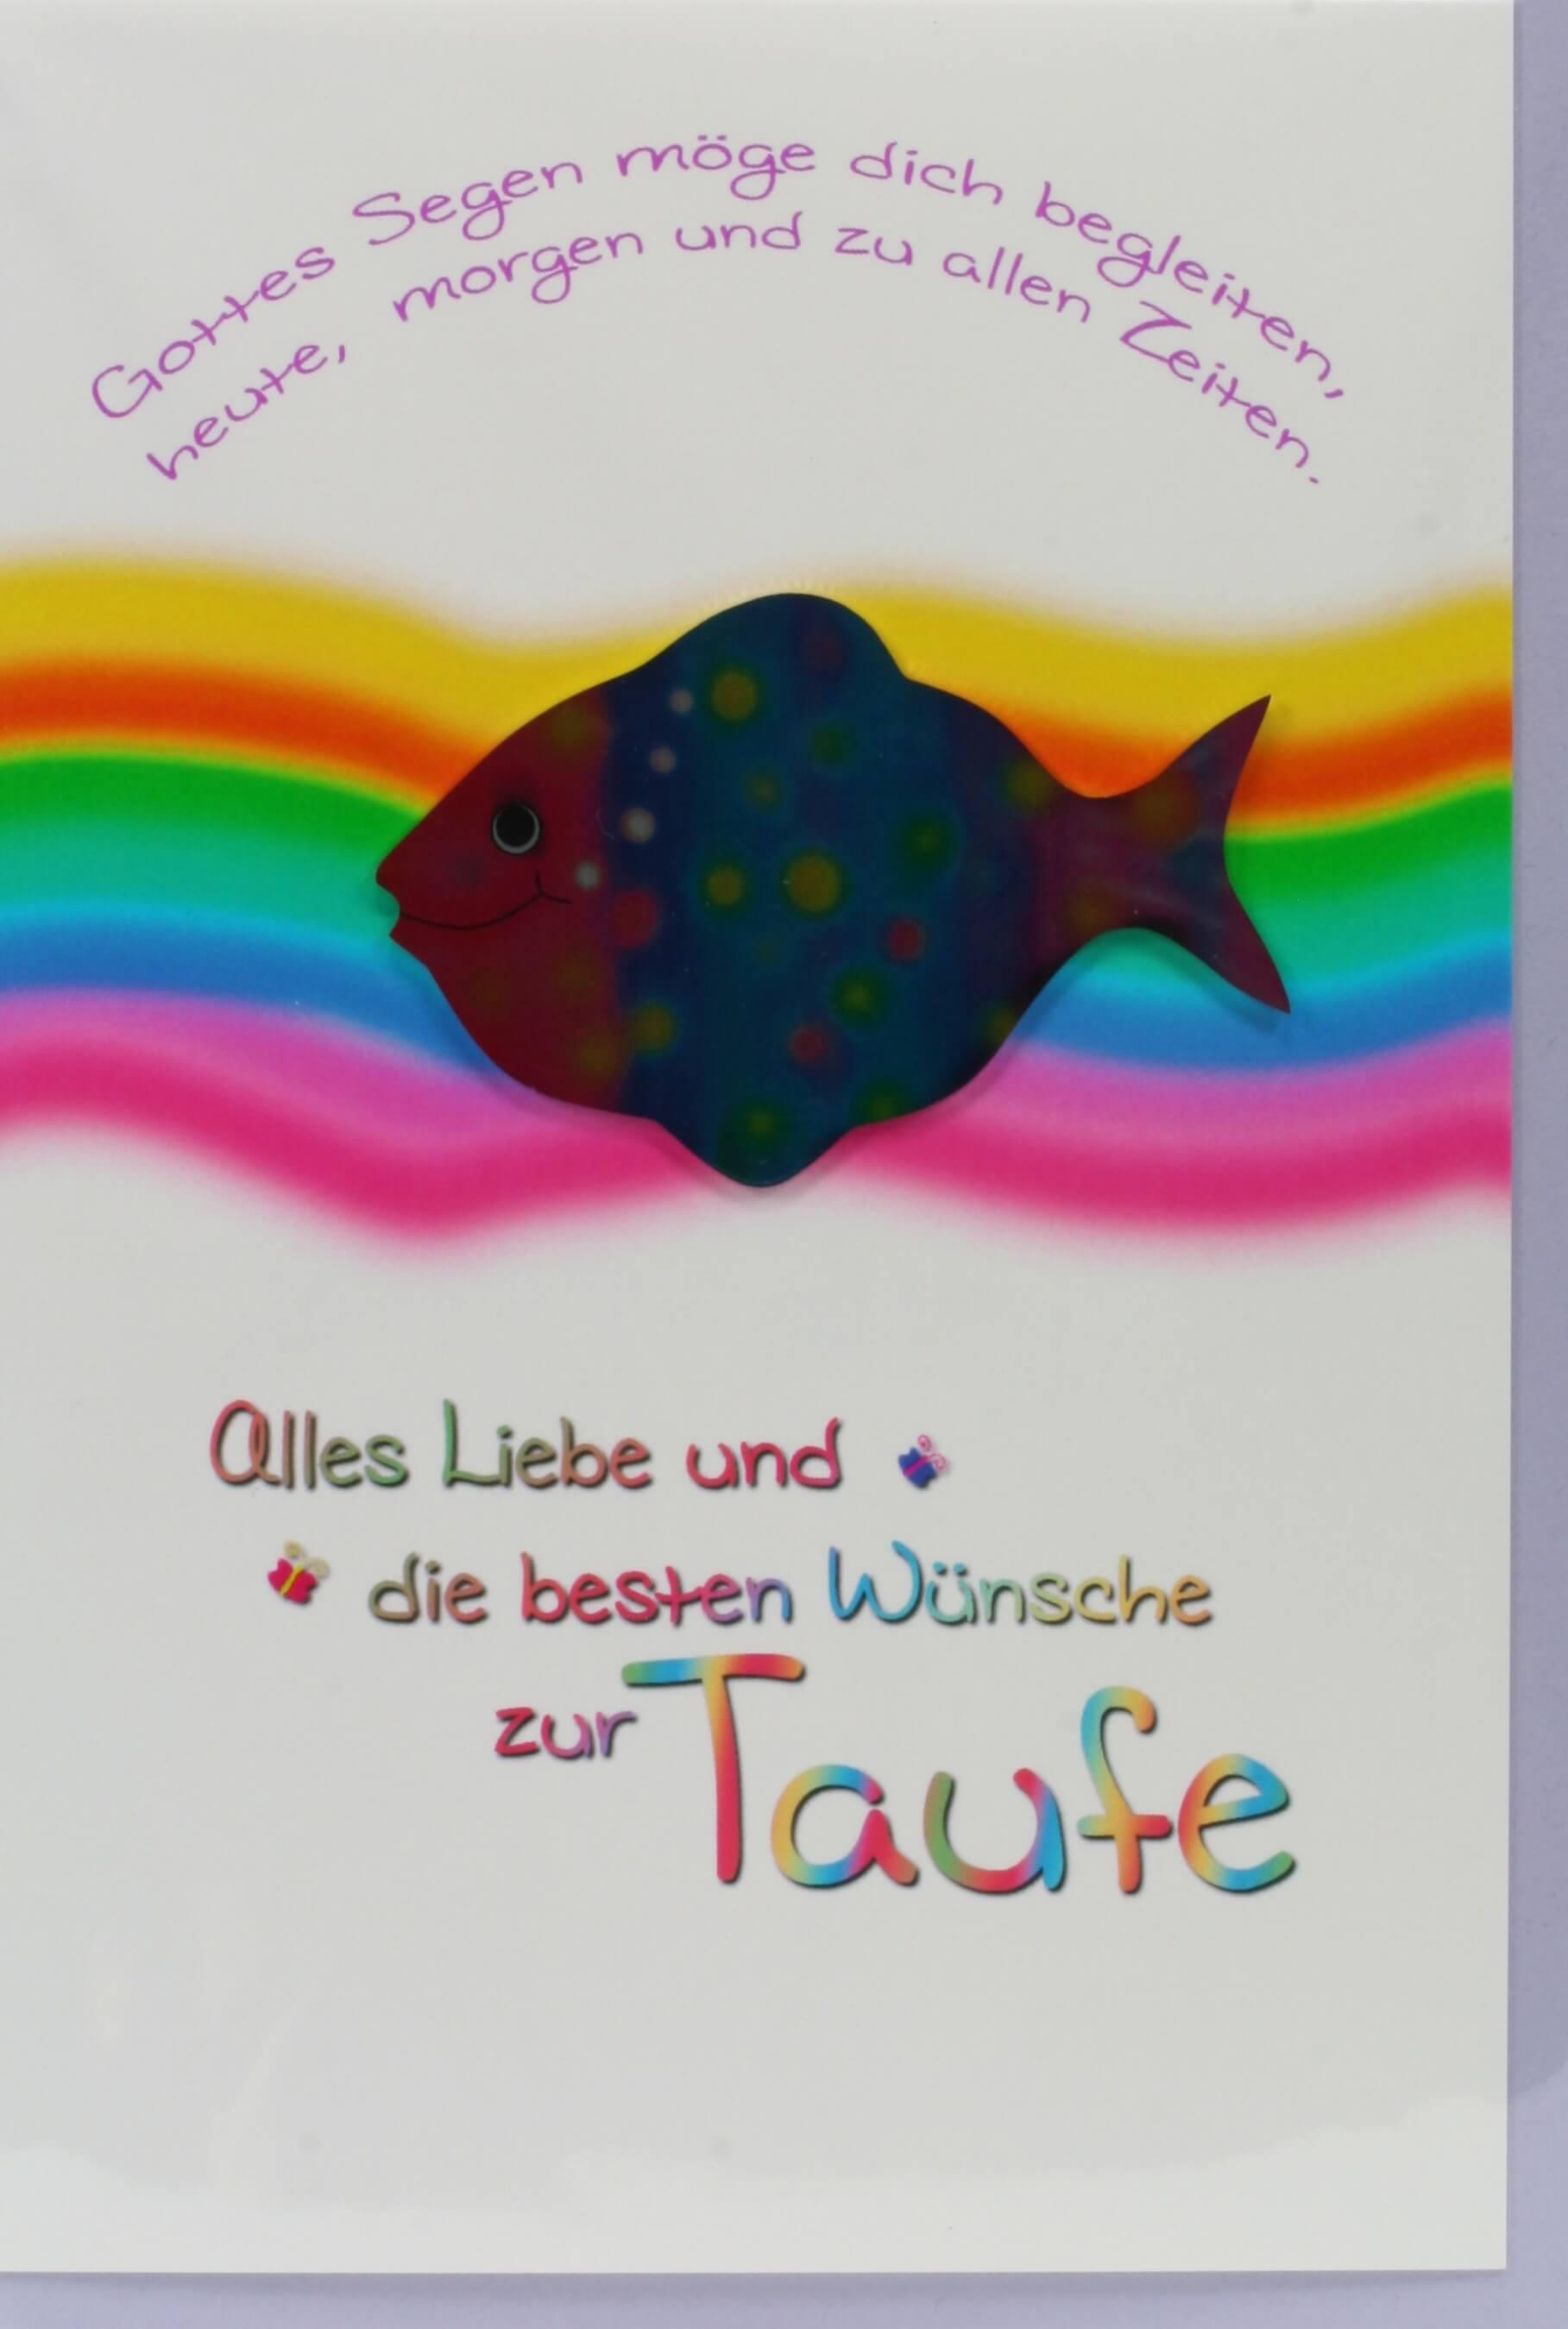 Karte zur Taufe - Regenbogen & Metall-Fisch